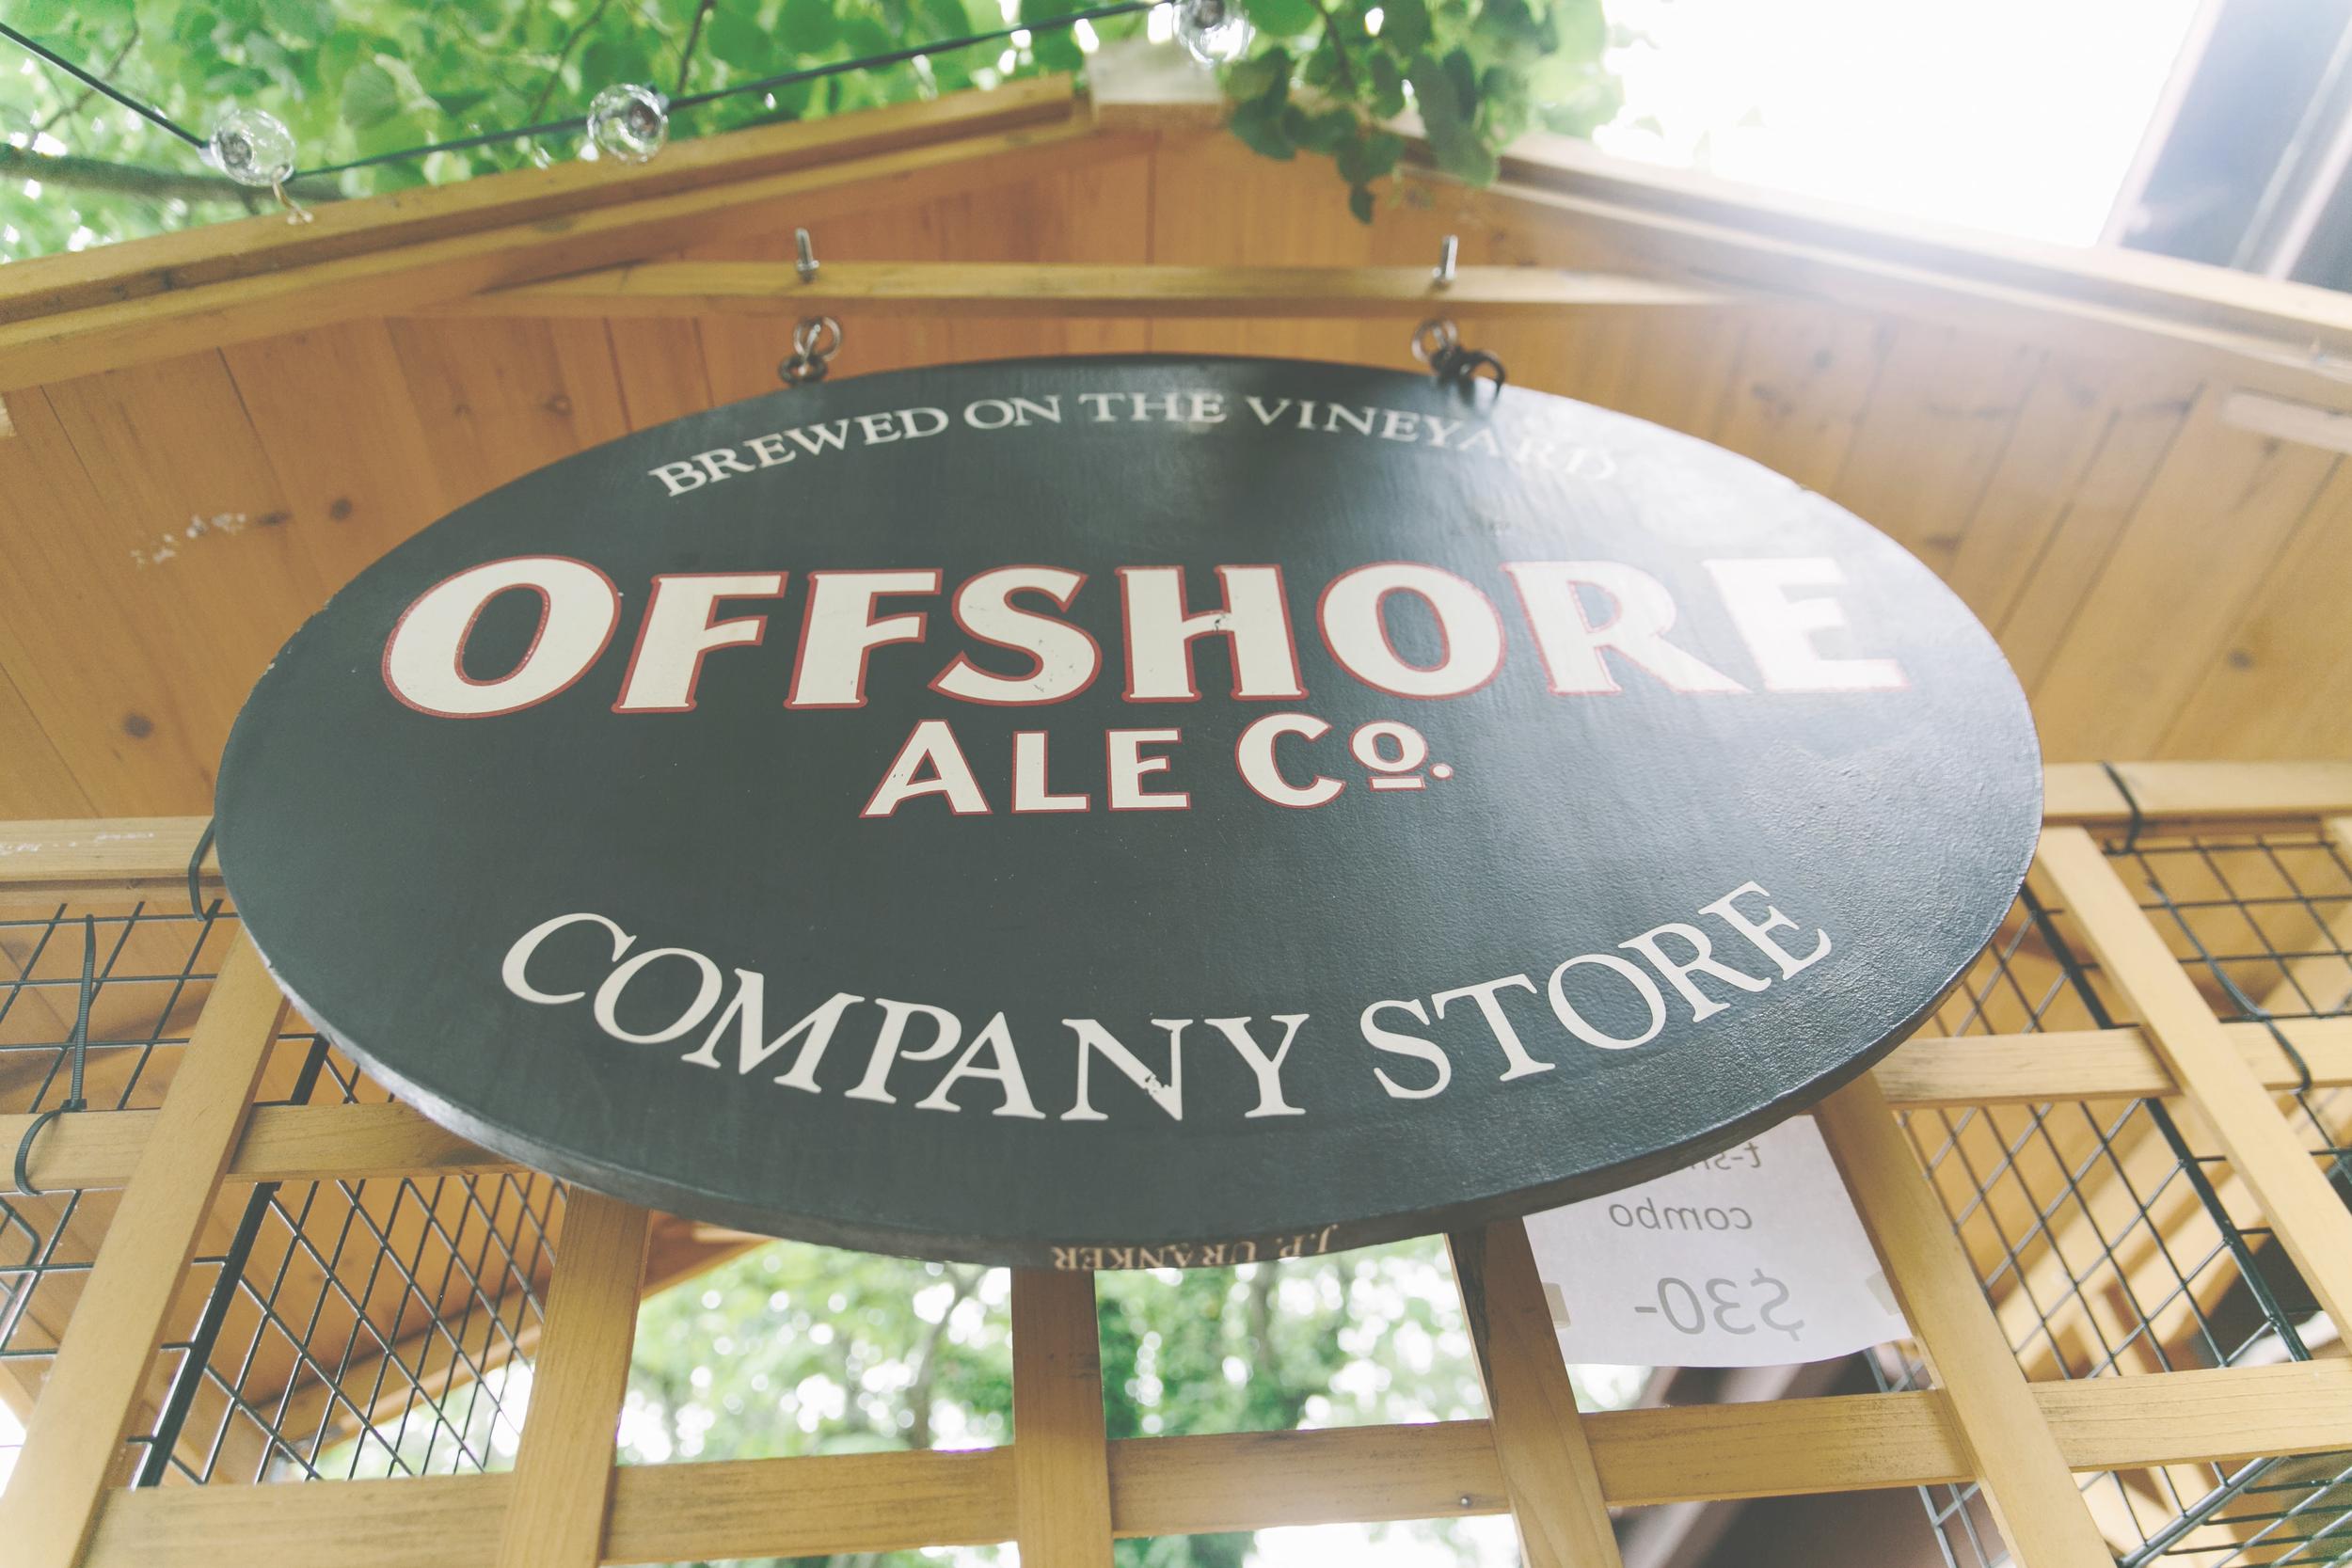 Offshore Ale Company in Oak Bluffs